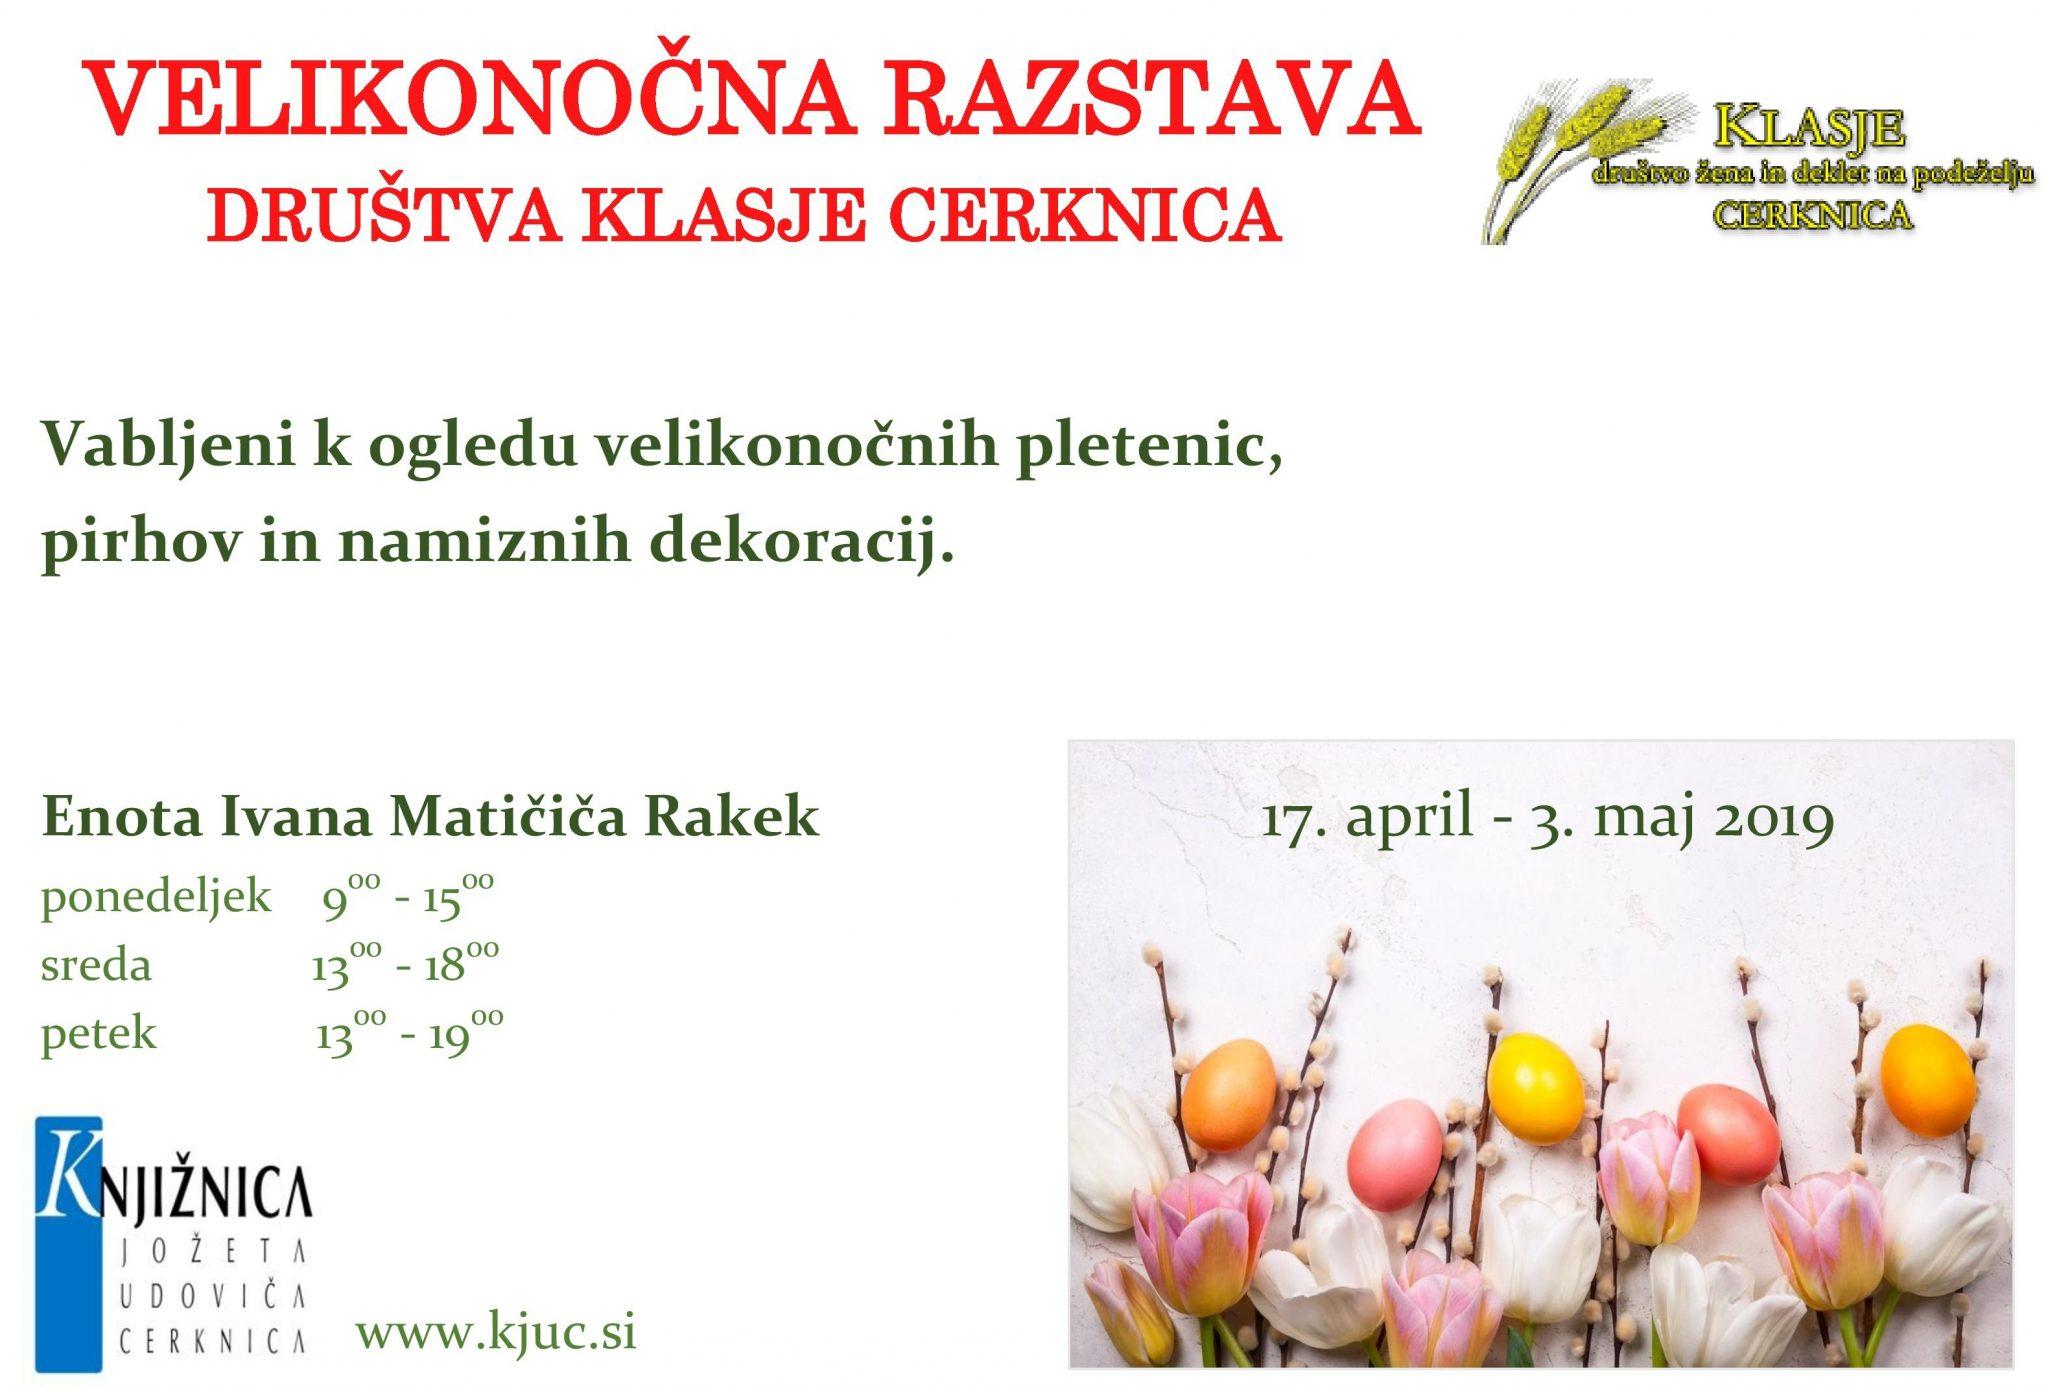 cover 6 - Velikonočna razstava društva Klasje Cerknica